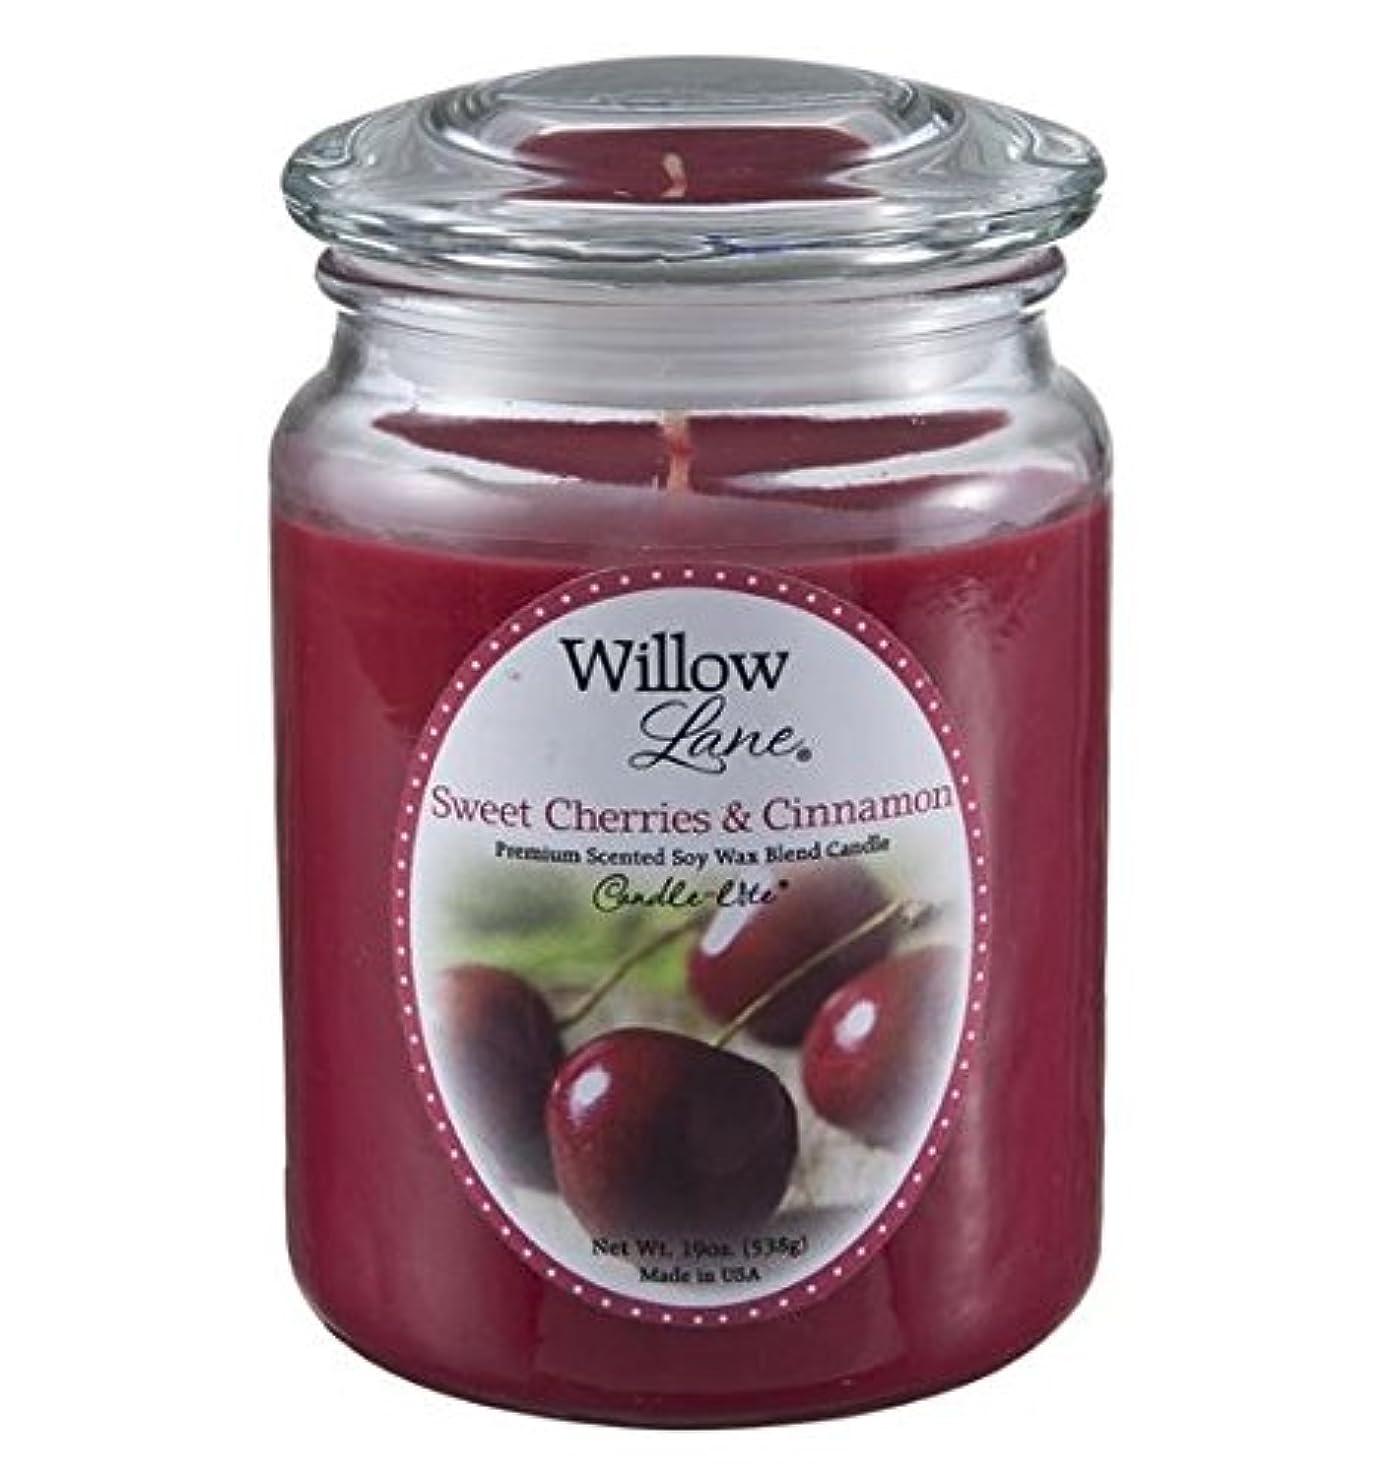 後継影響する踏みつけCandle Lite 1646991 Scented Candle、Sweet Cherries &シナモン、19-oz。 2 1646991